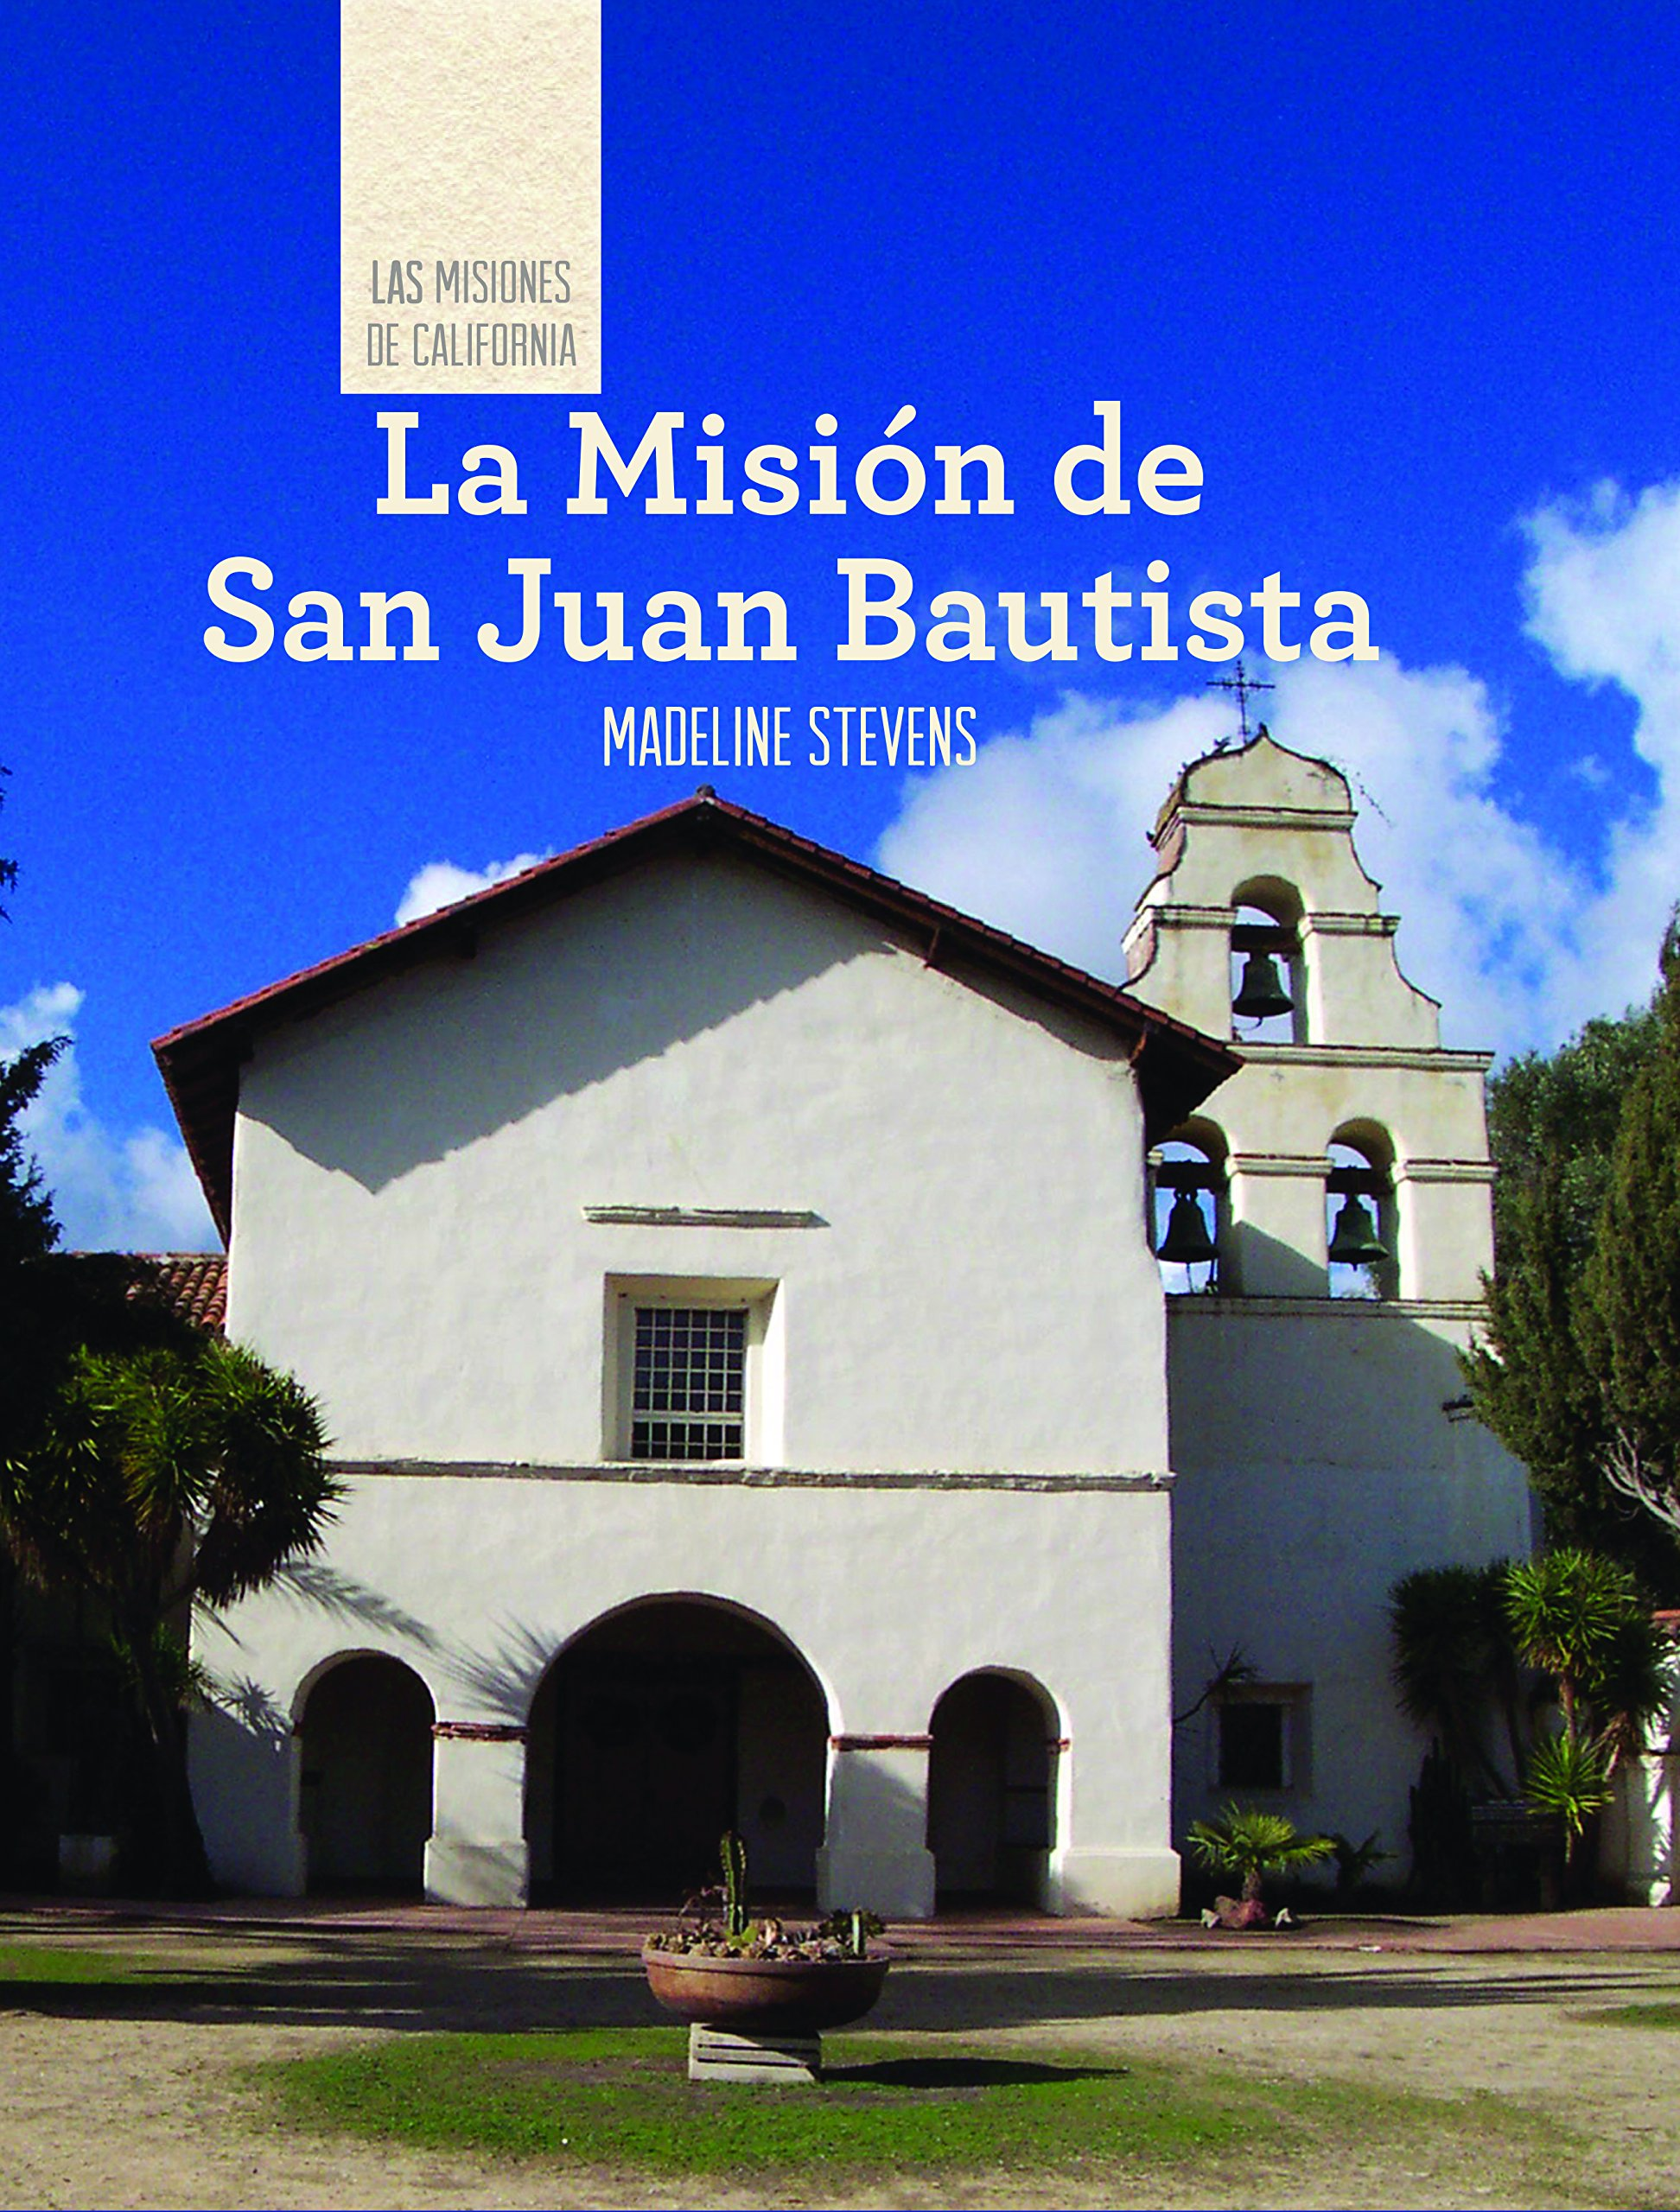 Call girl in San Juan Bautista